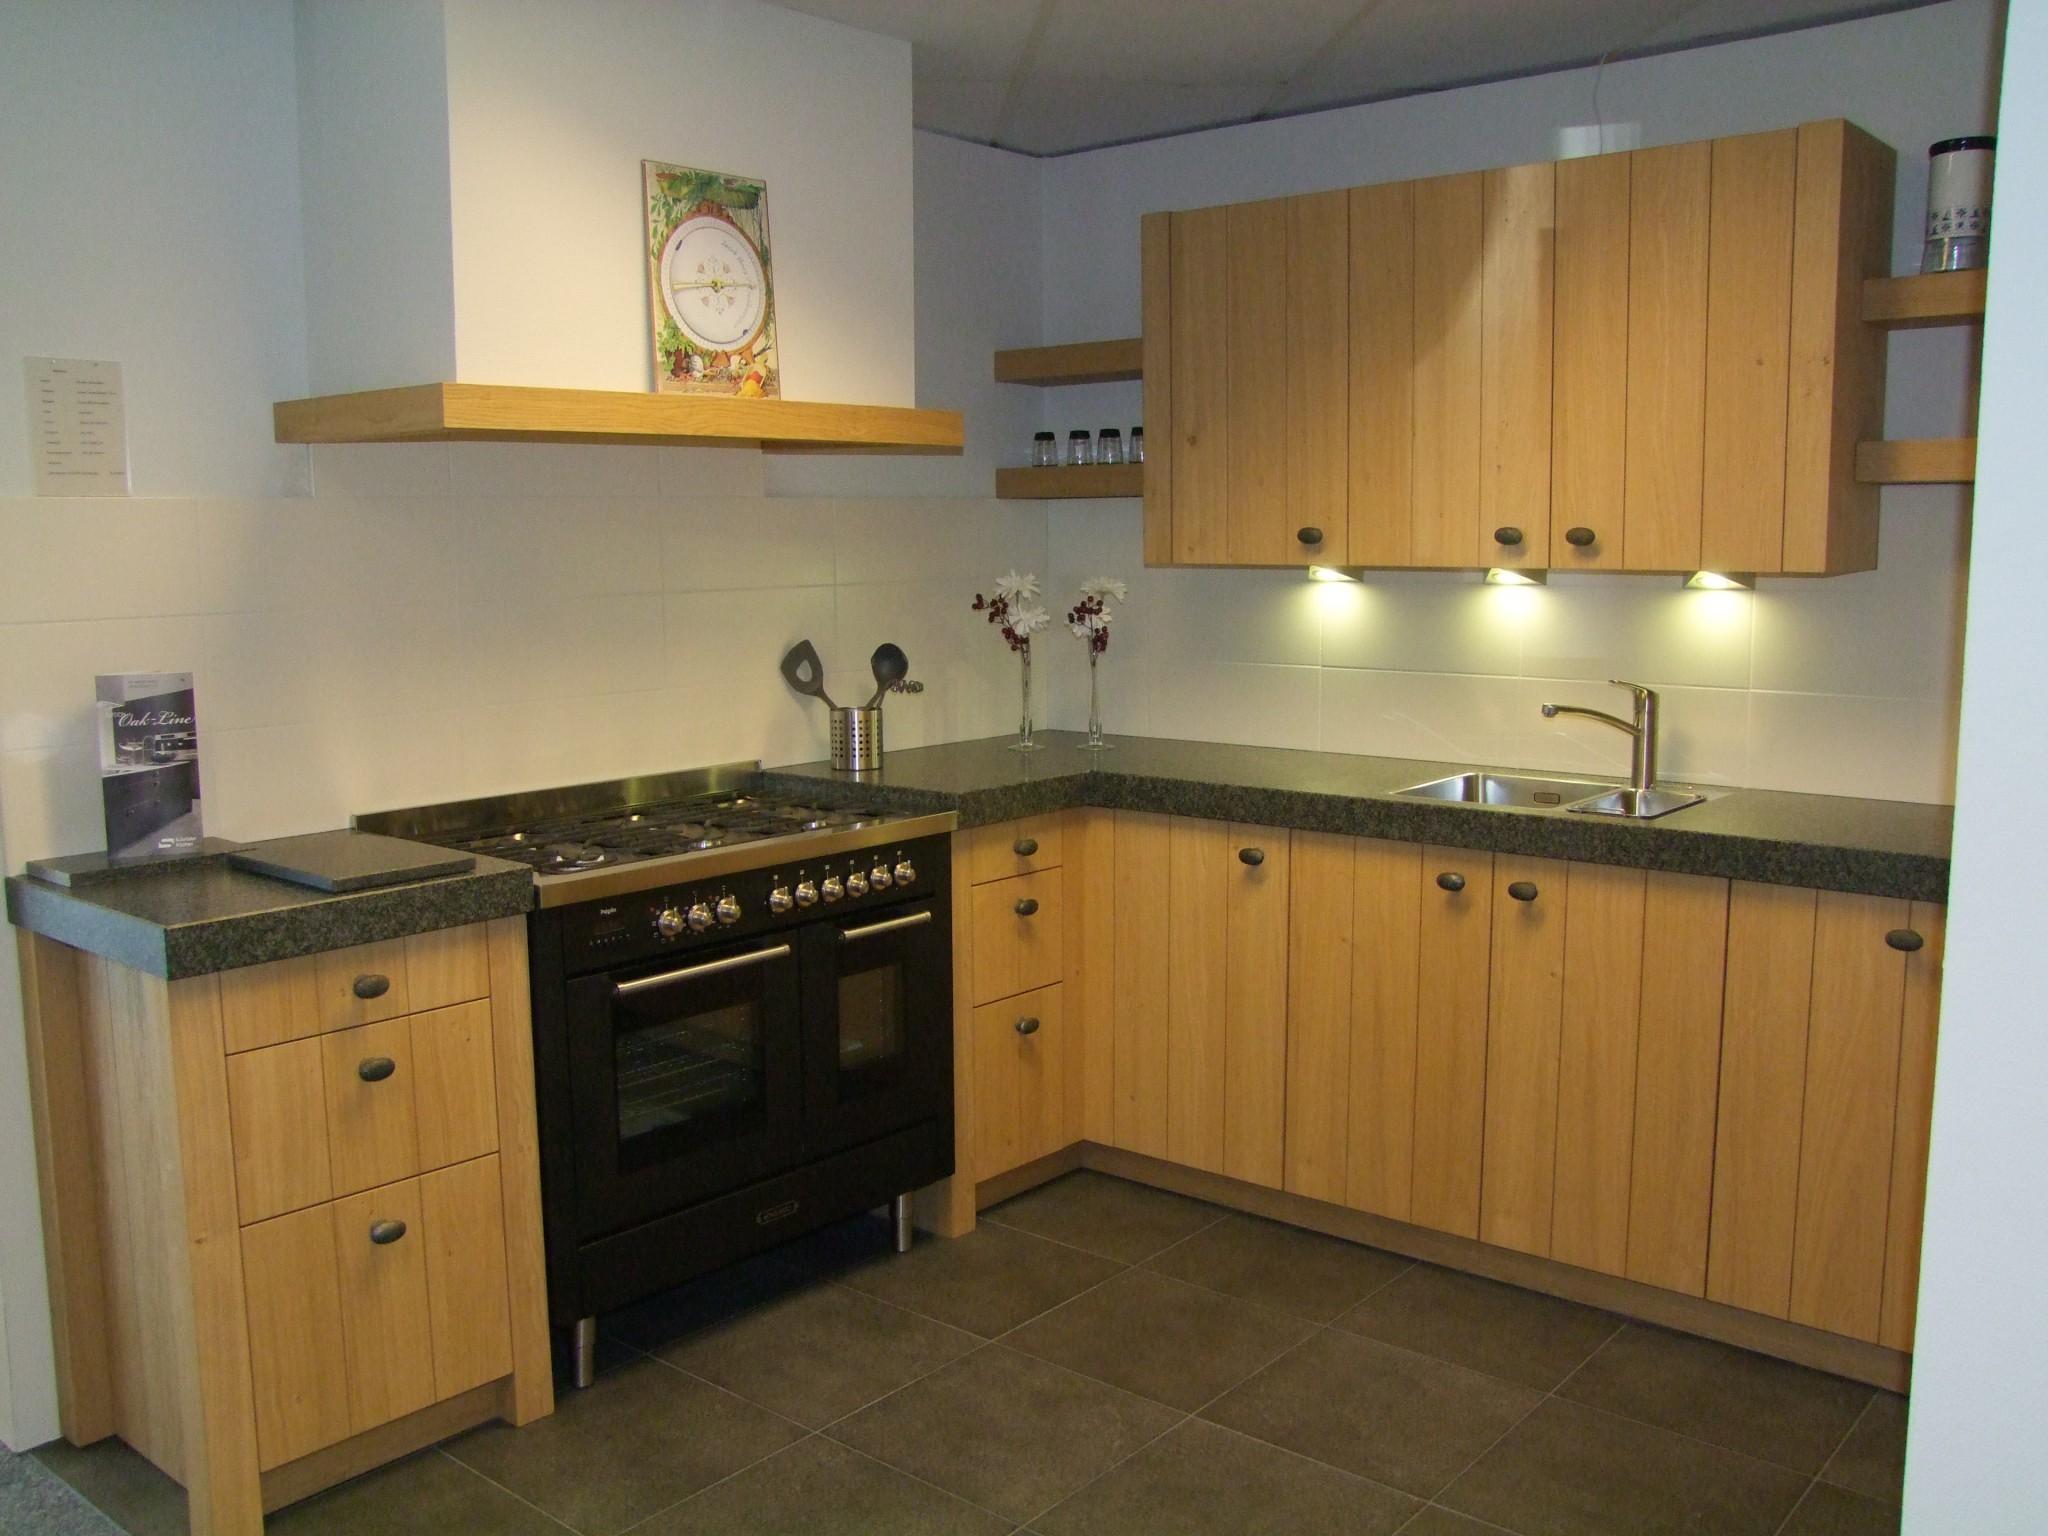 Keukens Opruiming : Houten keuken van schroder kremer keukens showroom ...